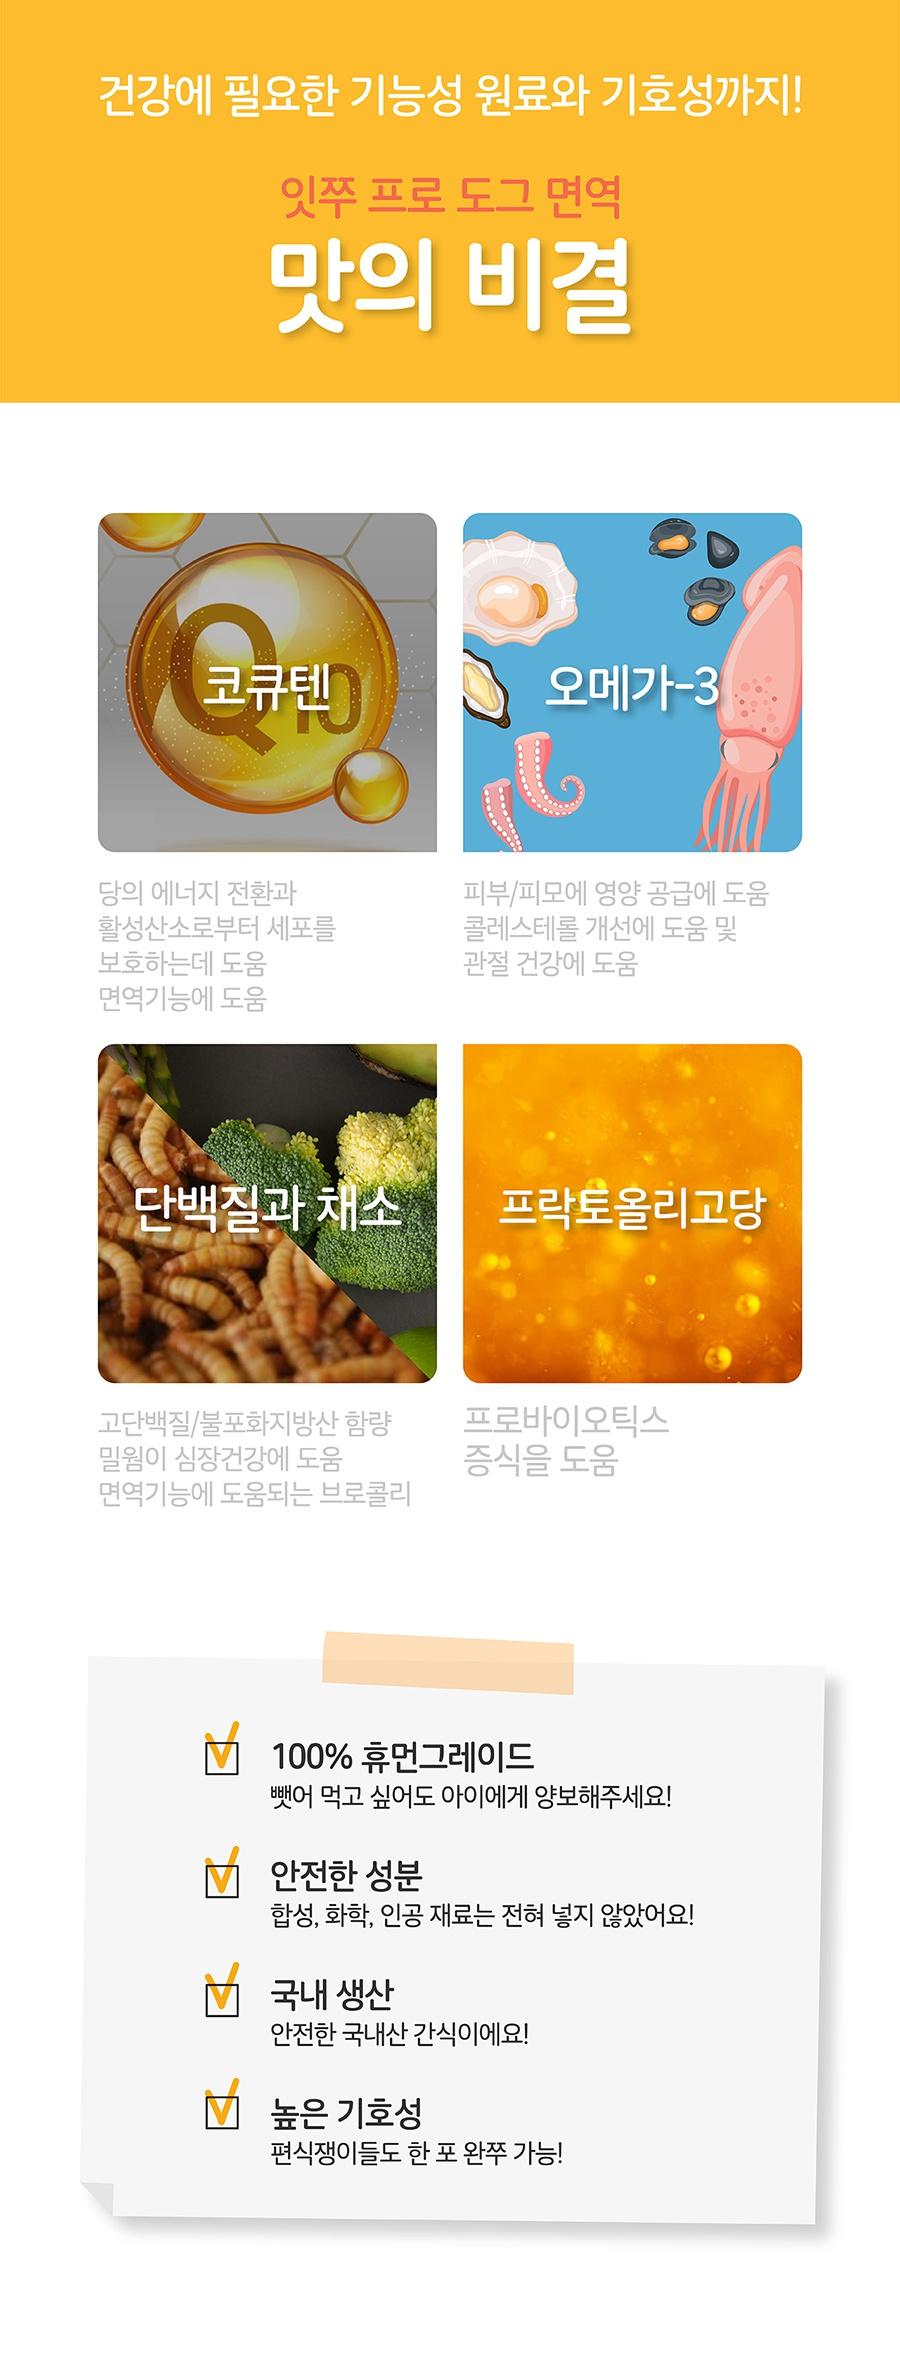 It 잇쭈 프로 도그 3종 (구강/비만/면역)-상품이미지-26